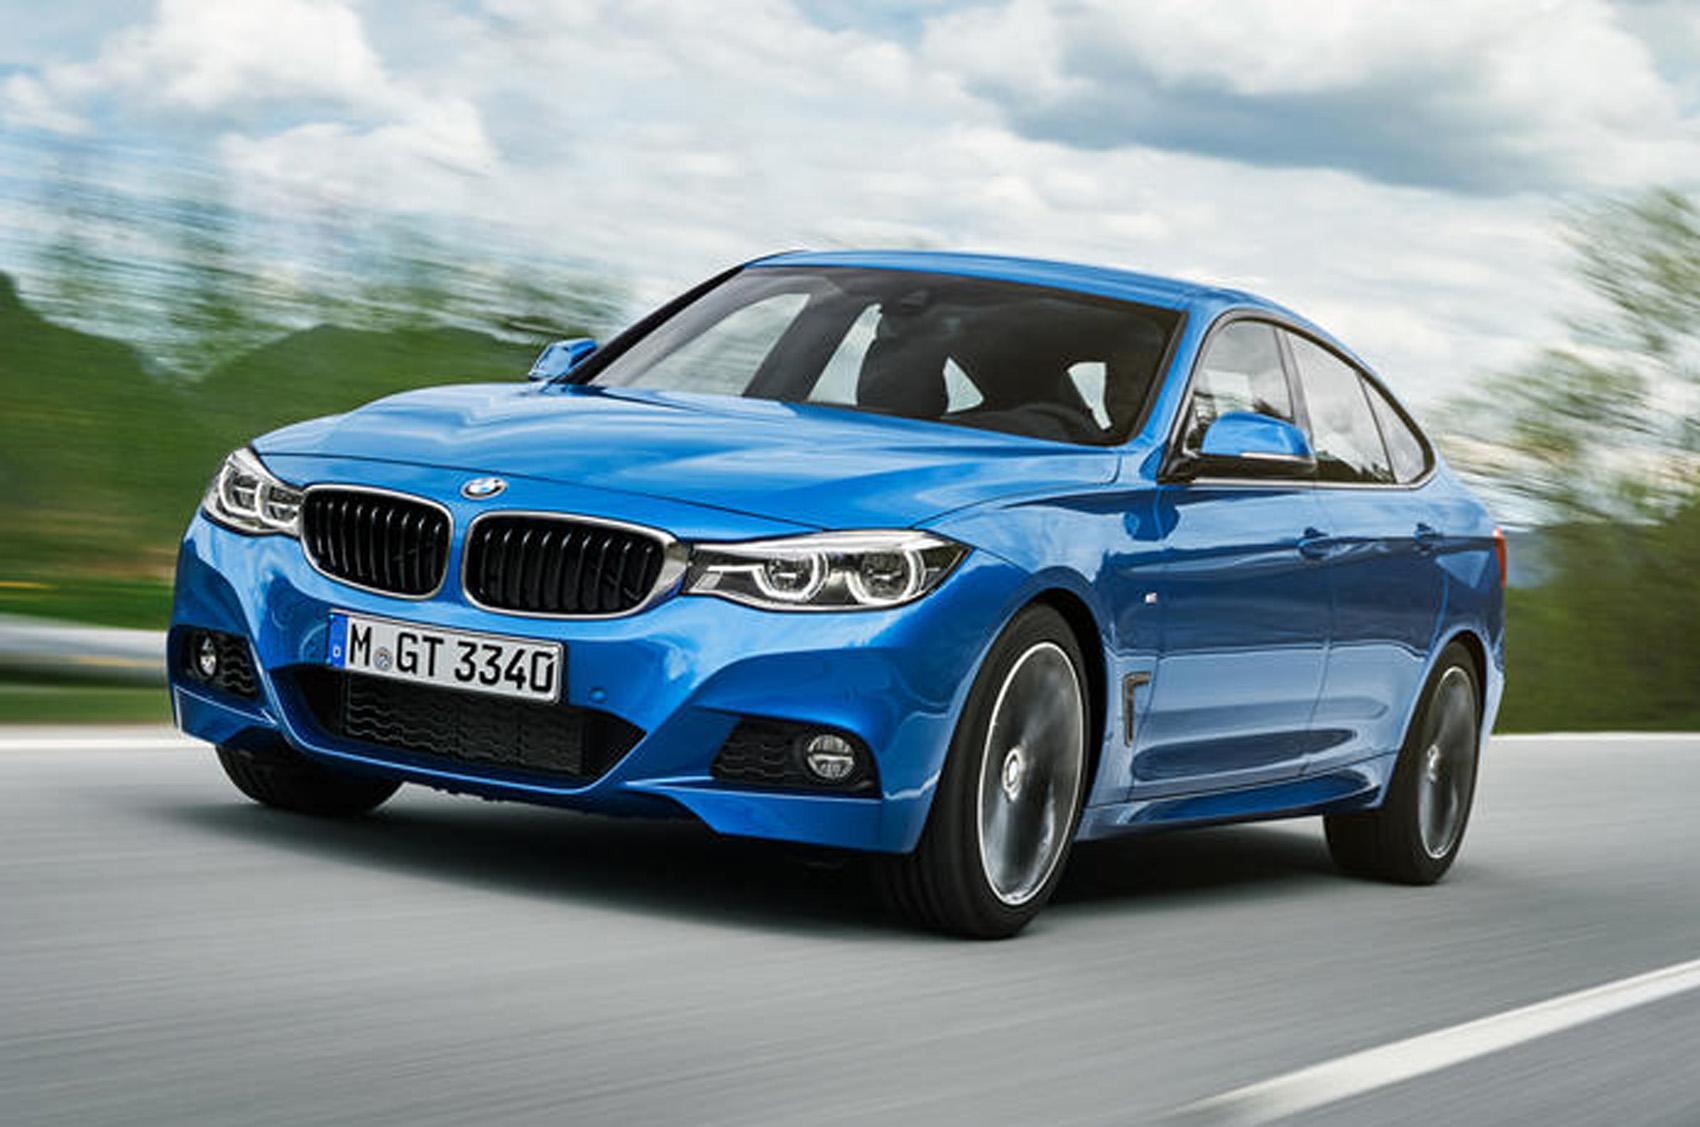 The all-new BMW 330i, Model M Sport, Portimao blue